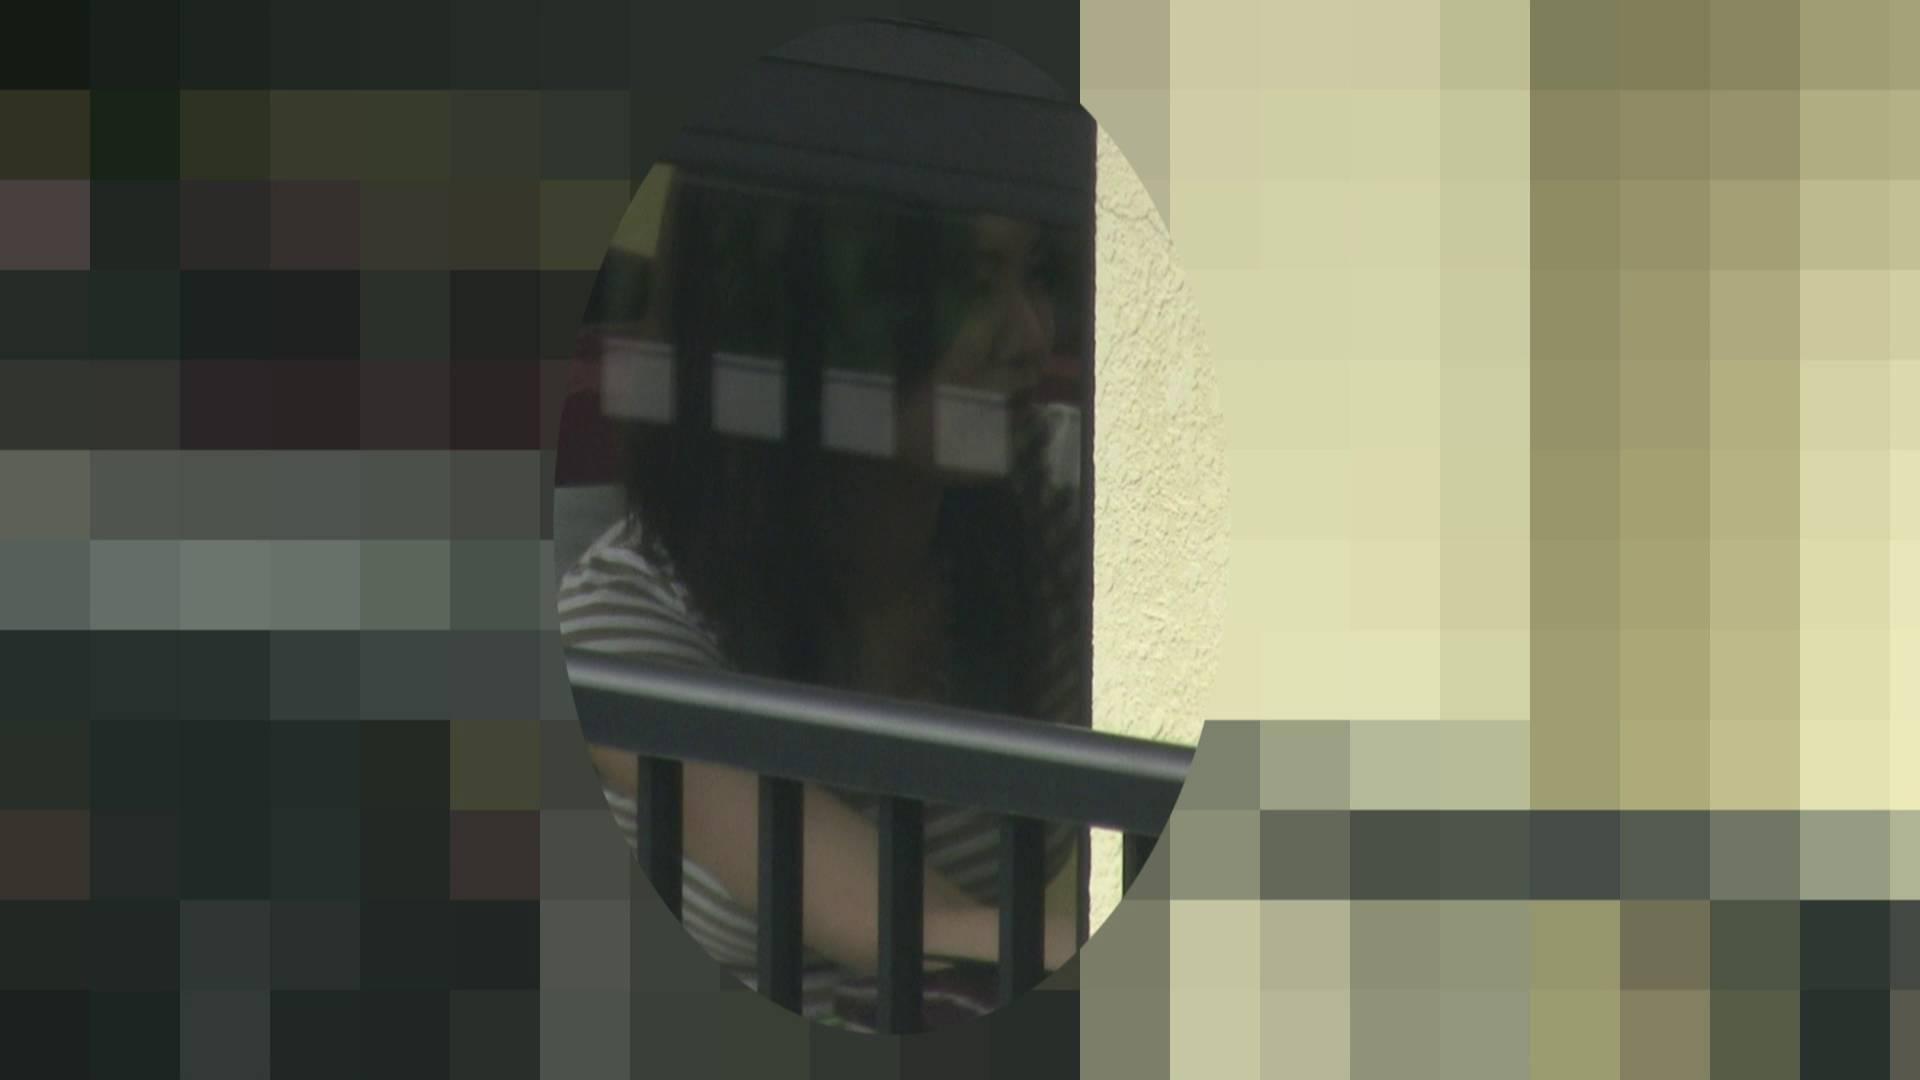 高画質露天女風呂観察 vol.032 高画質 隠し撮りオマンコ動画紹介 83pic 80